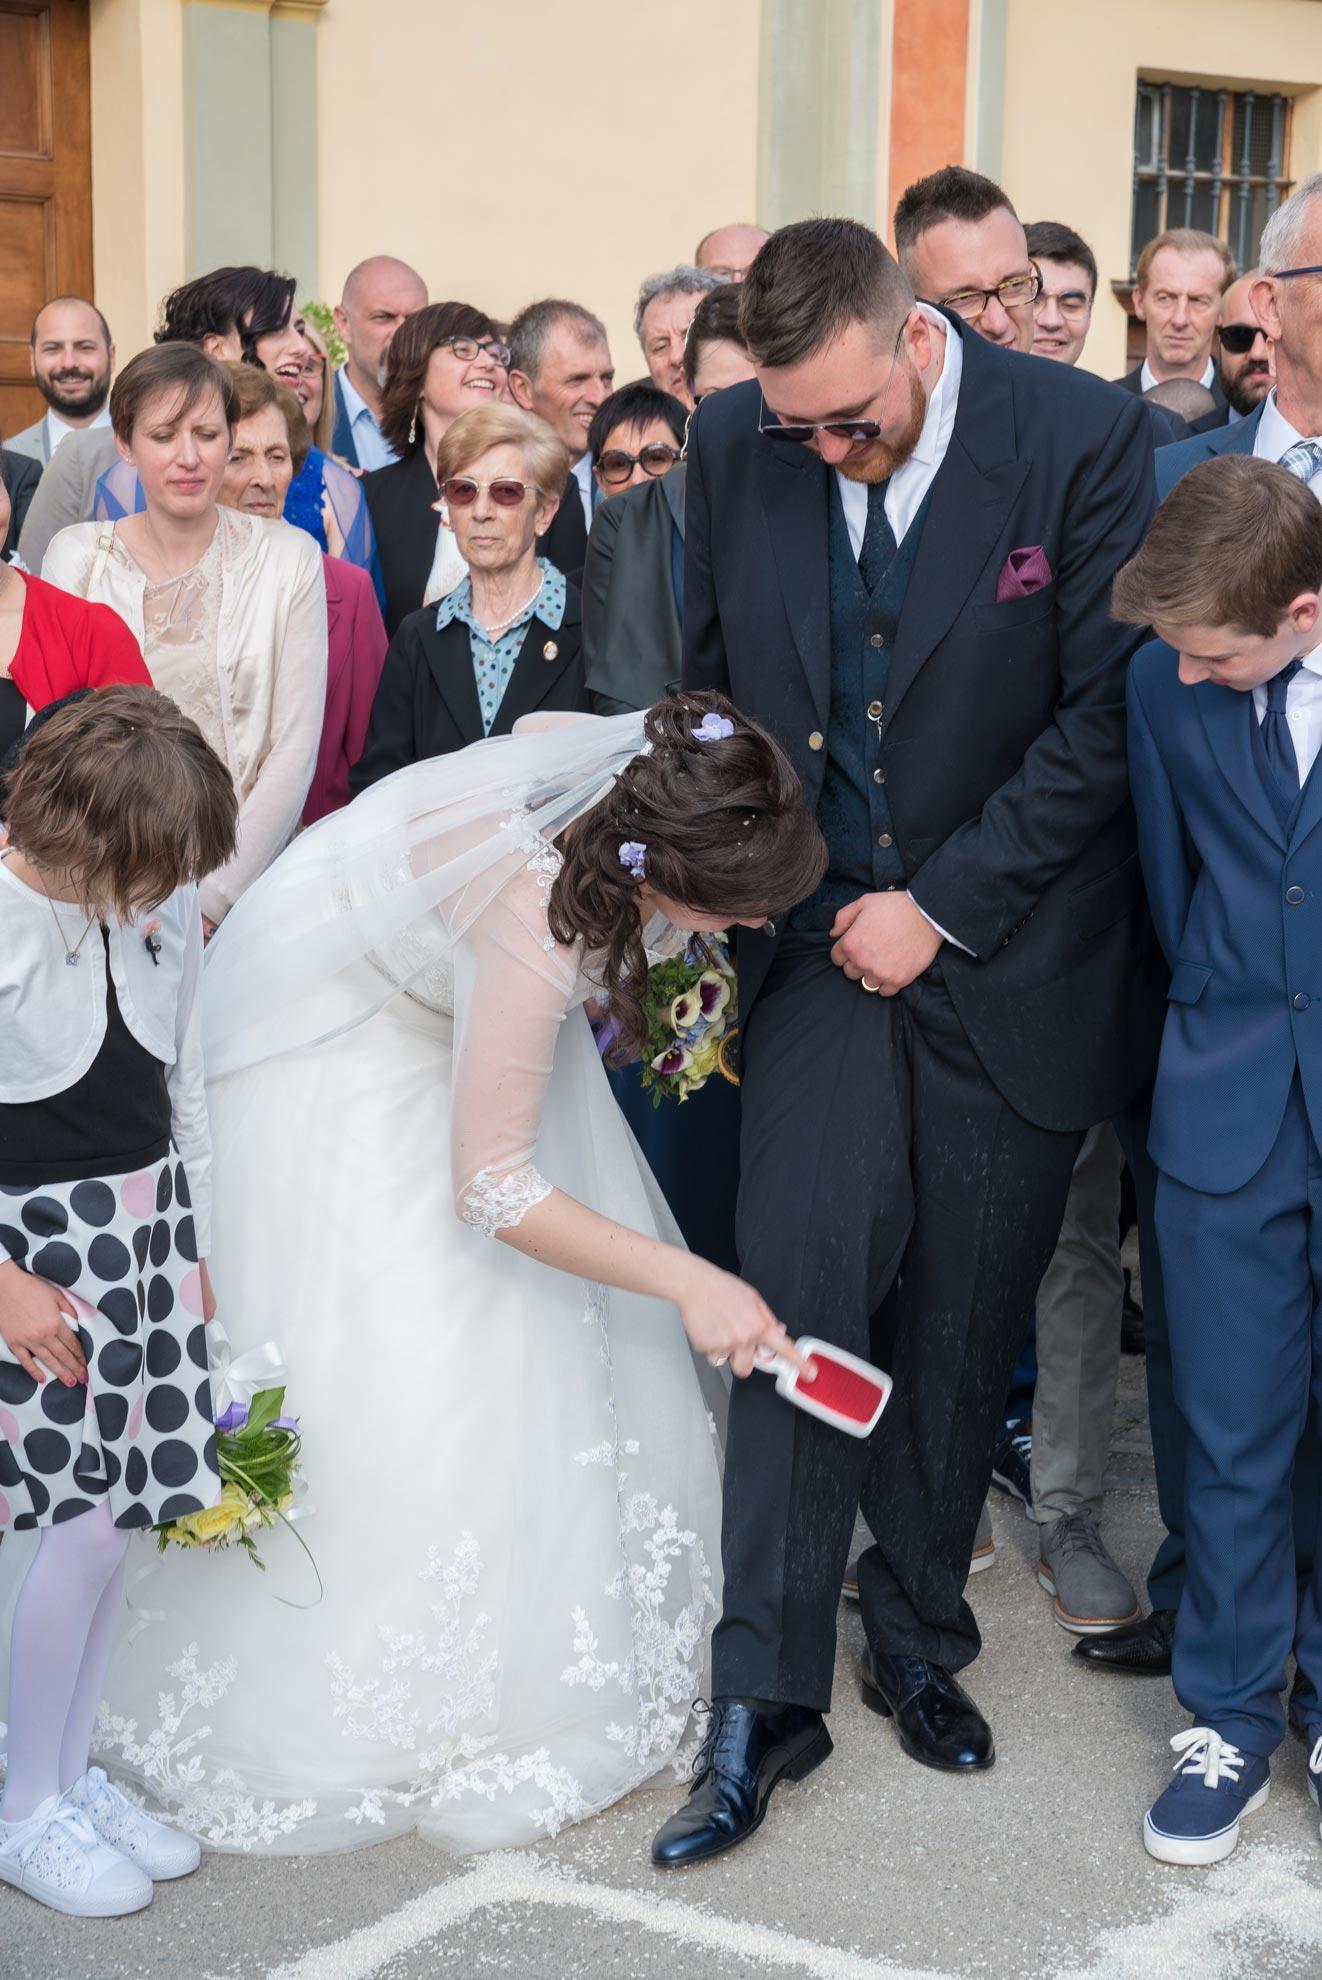 Matrimonio a Narzole Lorenza Diego - DSC 3163 - Fotografie matrimonio di reportage - Fotografie matrimonio di reportage